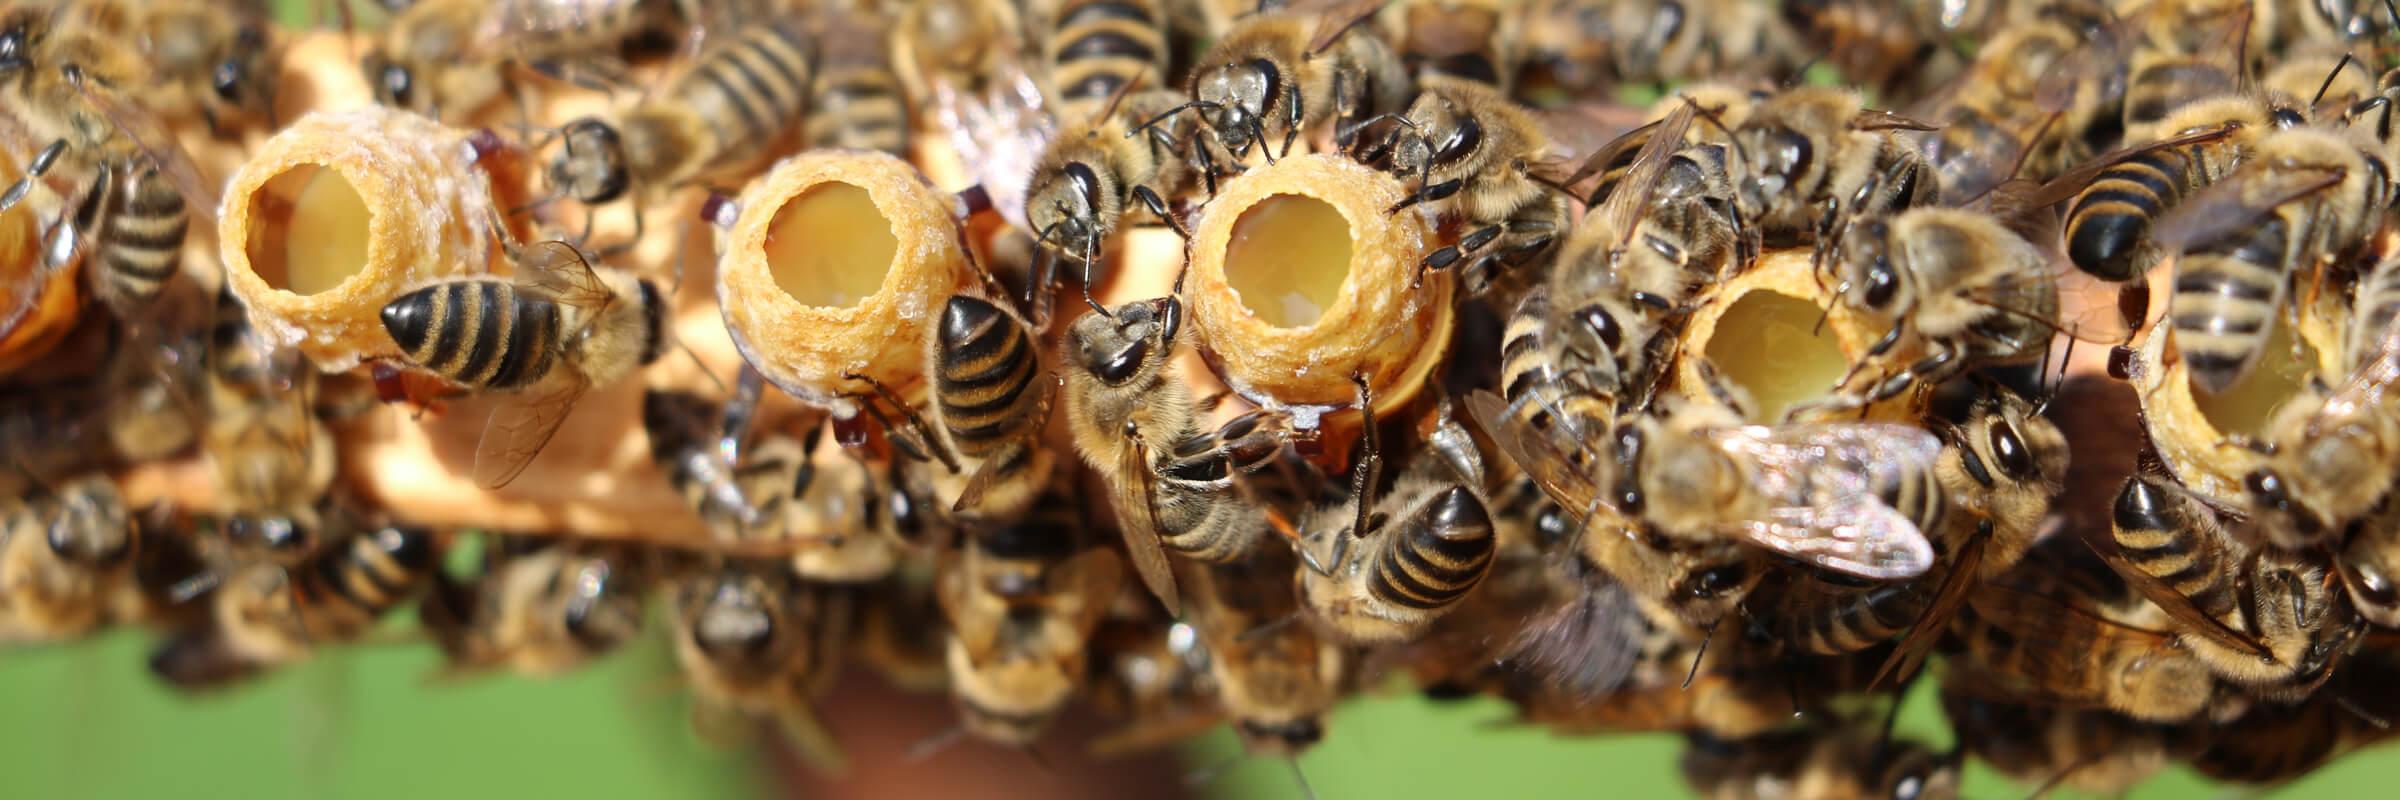 Honey bees sealing queen rearing cups